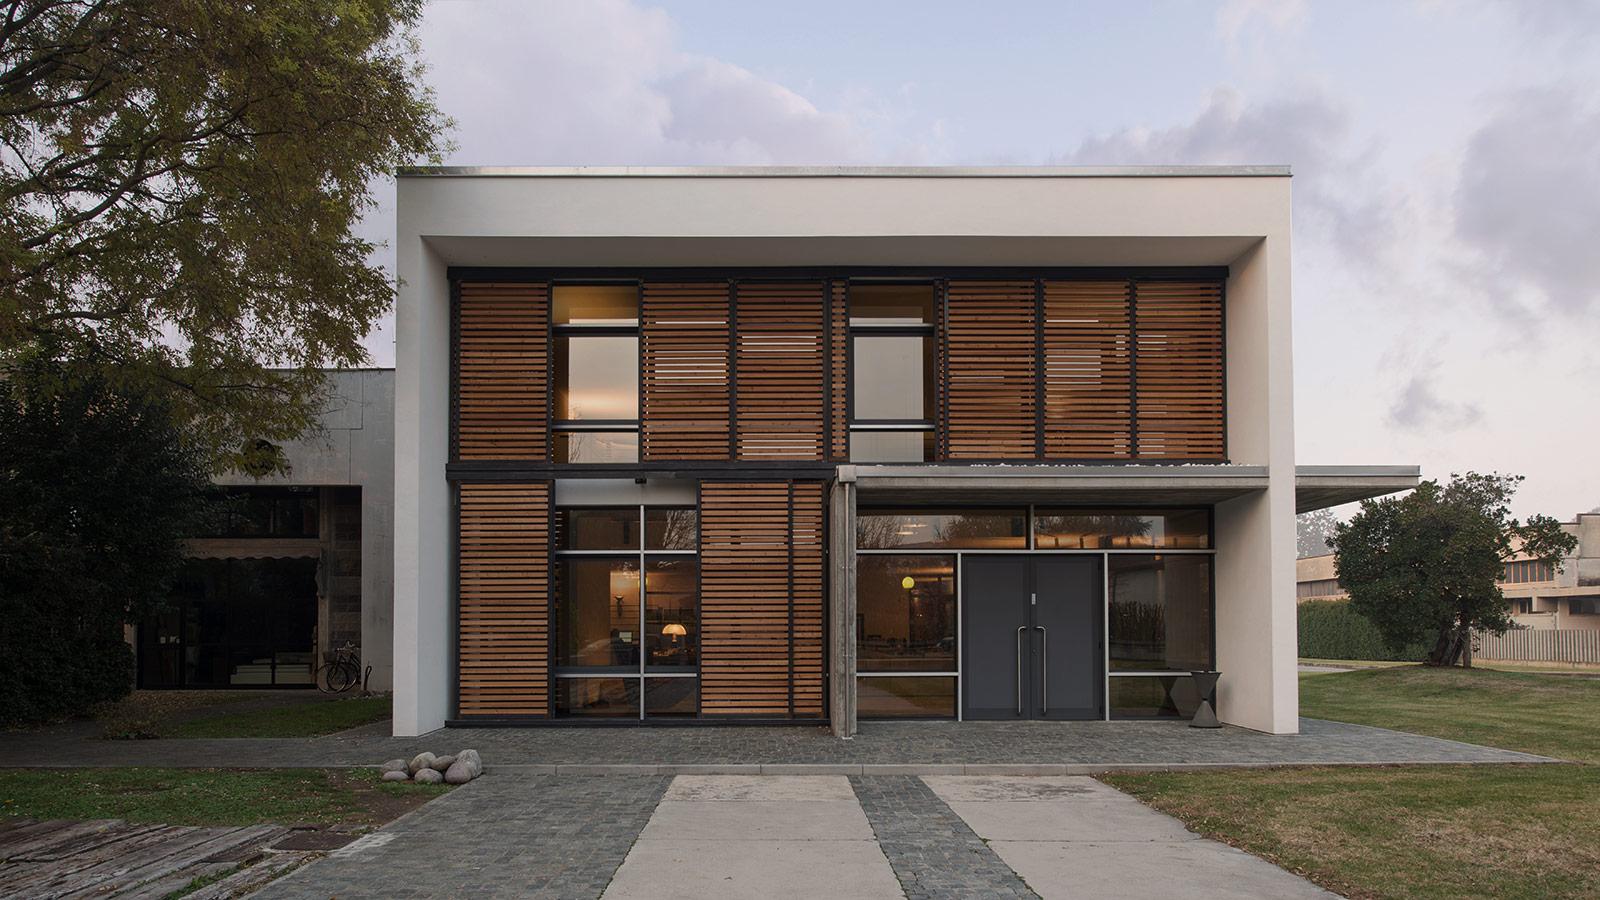 foto casa design fotografo d 39 architettura di casa di On ufficio esterno